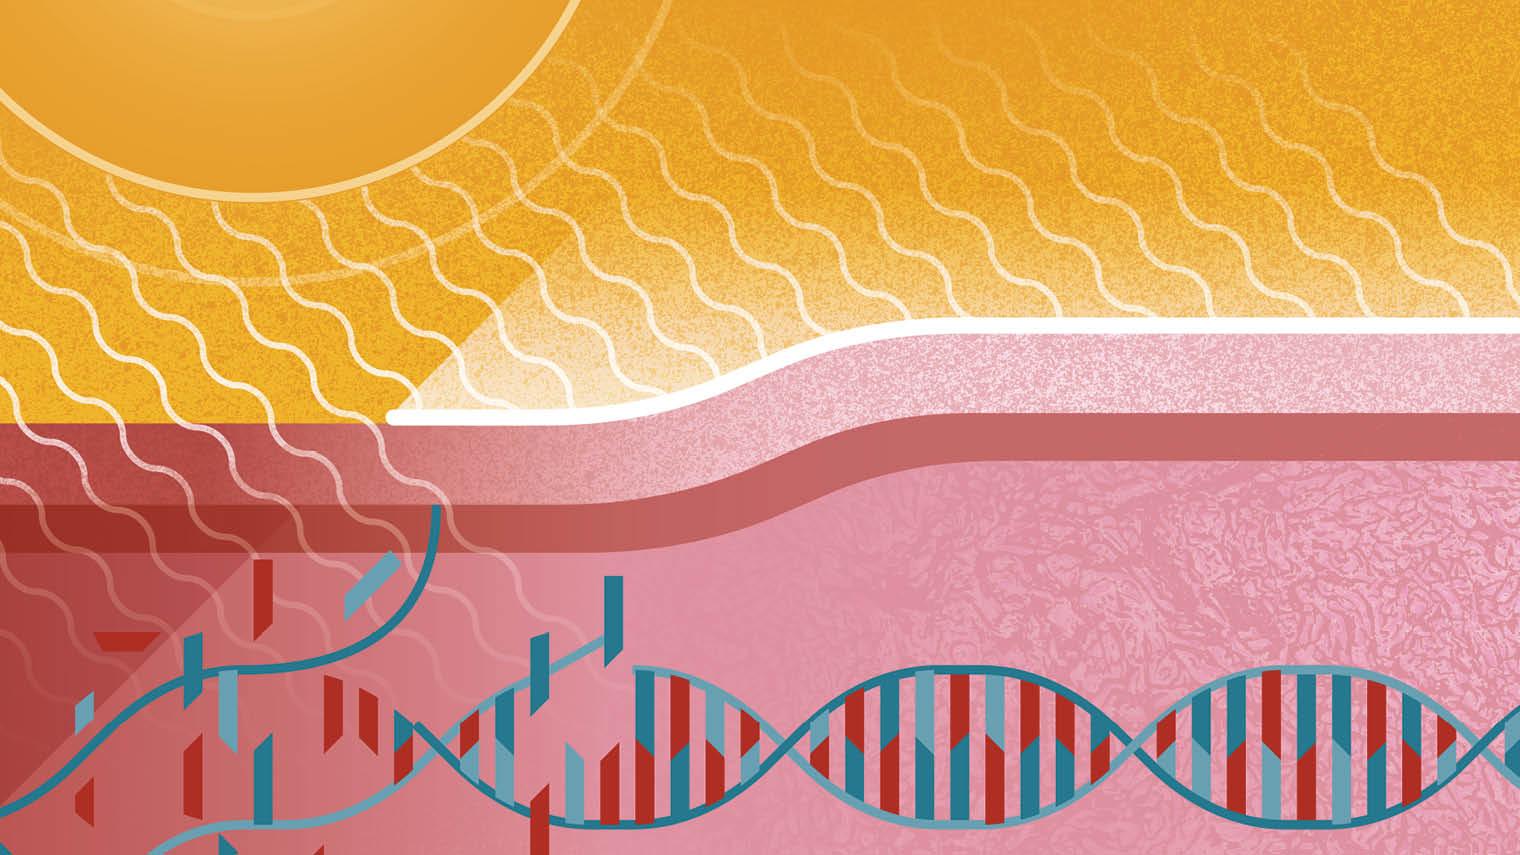 Skincare and dermatology illustration